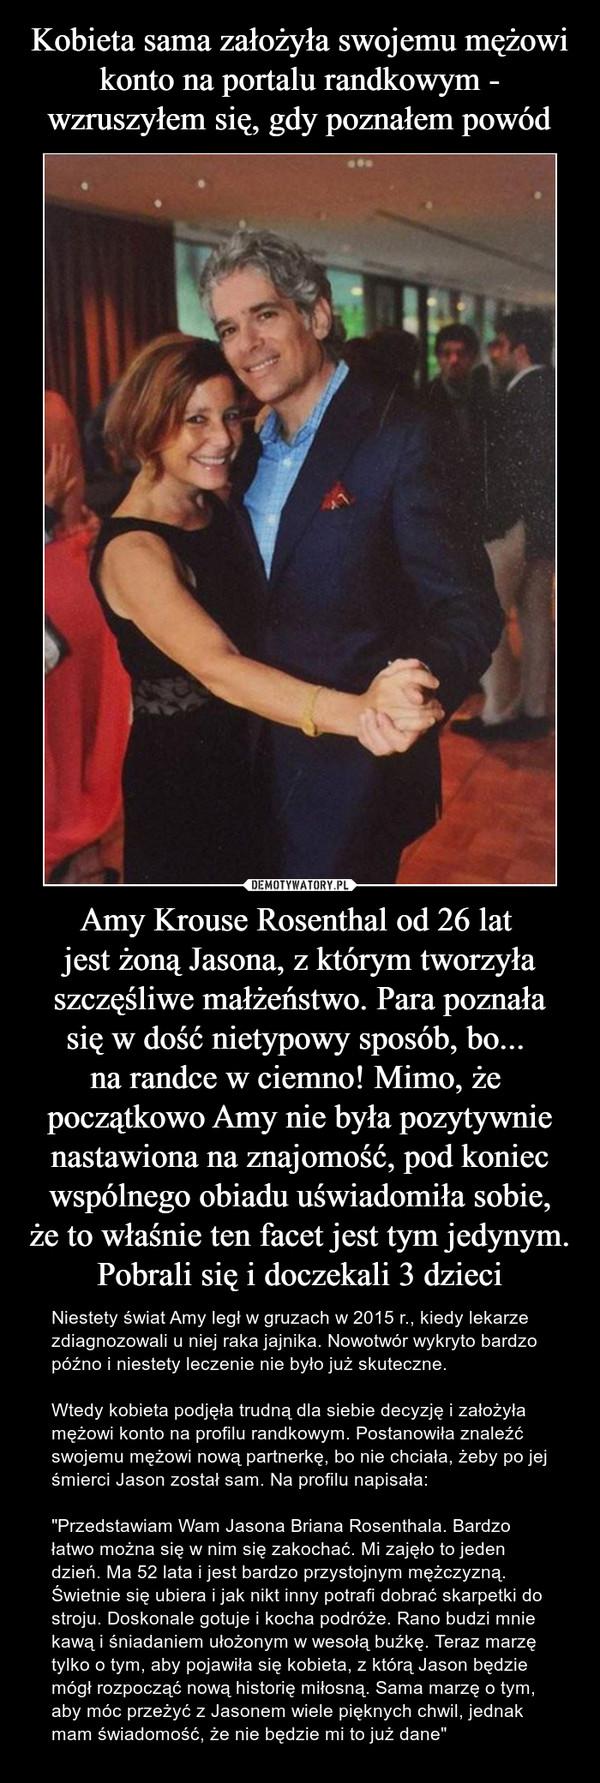 """Amy Krouse Rosenthal od 26 lat jest żoną Jasona, z którym tworzyła szczęśliwe małżeństwo. Para poznałasię w dość nietypowy sposób, bo... na randce w ciemno! Mimo, że początkowo Amy nie była pozytywnienastawiona na znajomość, pod koniecwspólnego obia – Niestety świat Amy legł w gruzach w 2015 r., kiedy lekarze zdiagnozowali u niej raka jajnika. Nowotwór wykryto bardzo późno i niestety leczenie nie było już skuteczne.Wtedy kobieta podjęła trudną dla siebie decyzję i założyła mężowi konto na profilu randkowym. Postanowiła znaleźć swojemu mężowi nową partnerkę, bo nie chciała, żeby po jej śmierci Jason został sam. Na profilu napisała:""""Przedstawiam Wam Jasona Briana Rosenthala. Bardzo łatwo można się w nim się zakochać. Mi zajęło to jeden dzień. Ma 52 lata i jest bardzo przystojnym mężczyzną. Świetnie się ubiera i jak nikt inny potrafi dobrać skarpetki do stroju. Doskonale gotuje i kocha podróże. Rano budzi mnie kawą i śniadaniem ułożonym w wesołą buźkę. Teraz marzę tylko o tym, aby pojawiła się kobieta, z którą Jason będzie mógł rozpocząć nową historię miłosną. Sama marzę o tym, aby móc przeżyć z Jasonem wiele pięknych chwil, jednak mam świadomość, że nie będzie mi to już dane"""""""